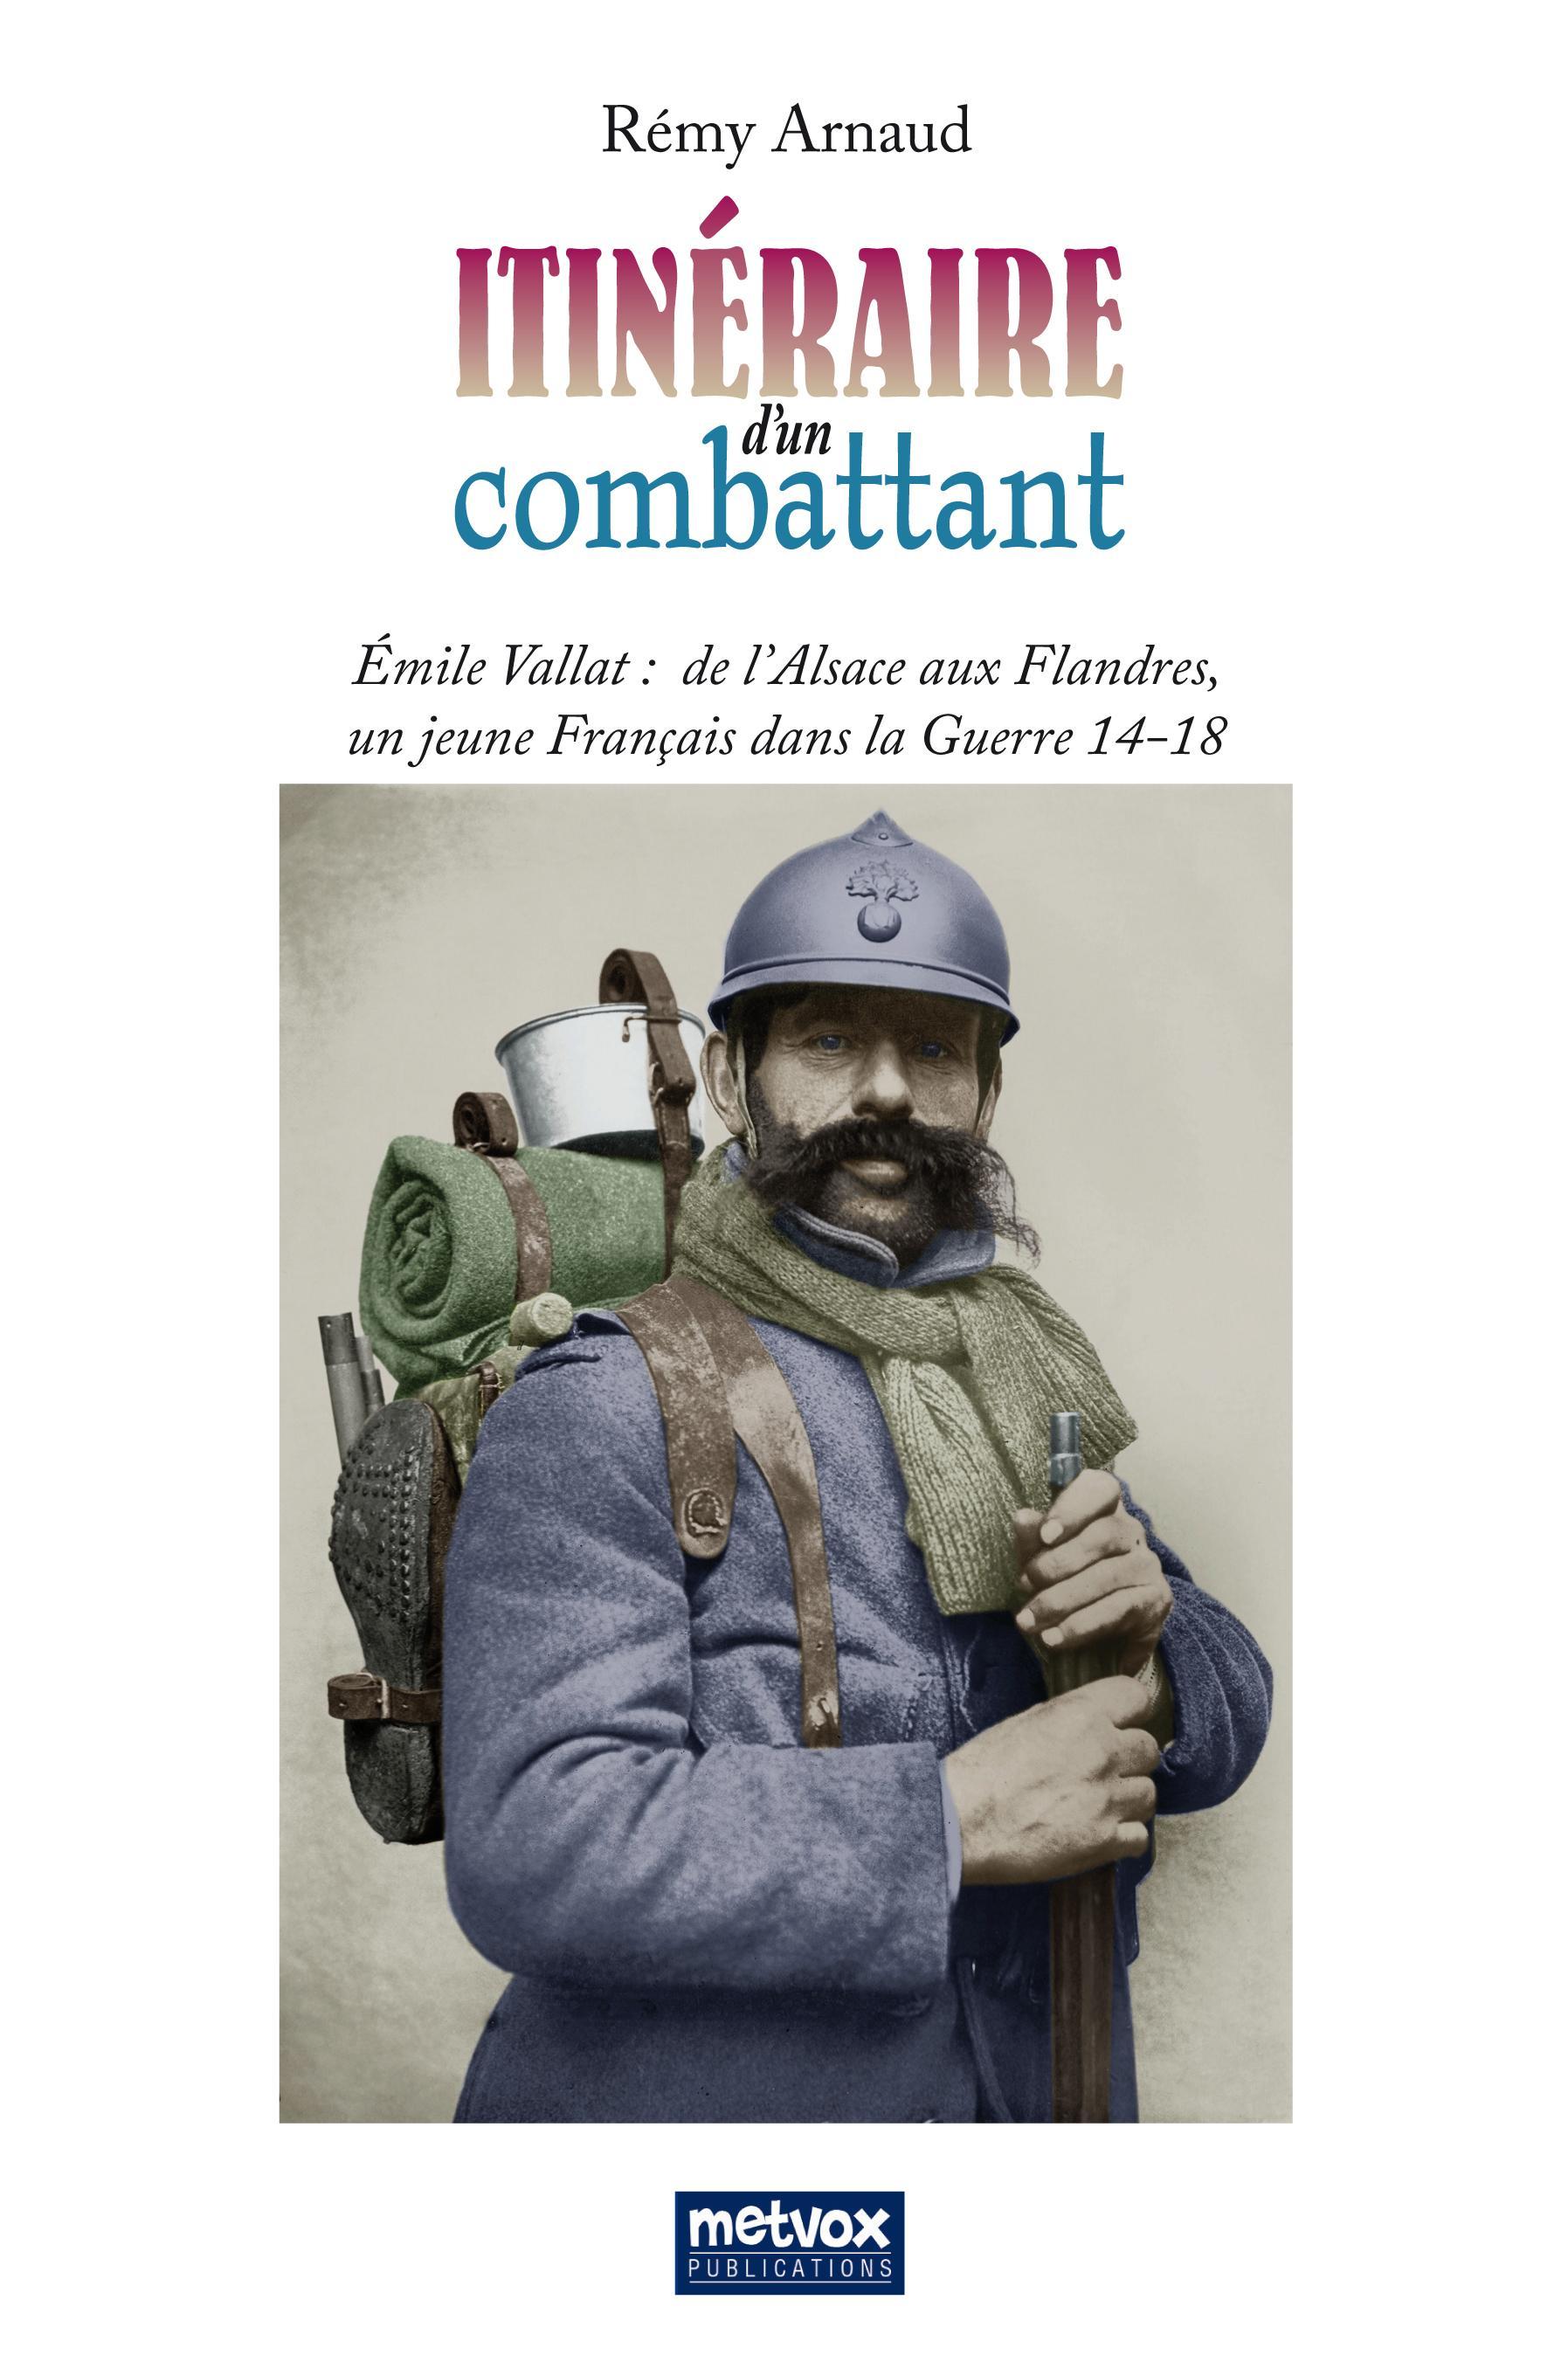 Itinéraire d'un combattant, DE L'ALSACE AUX FLANDRES, UN JEUNE FRANÇAIS DANS LA GUERRE DE 14-18